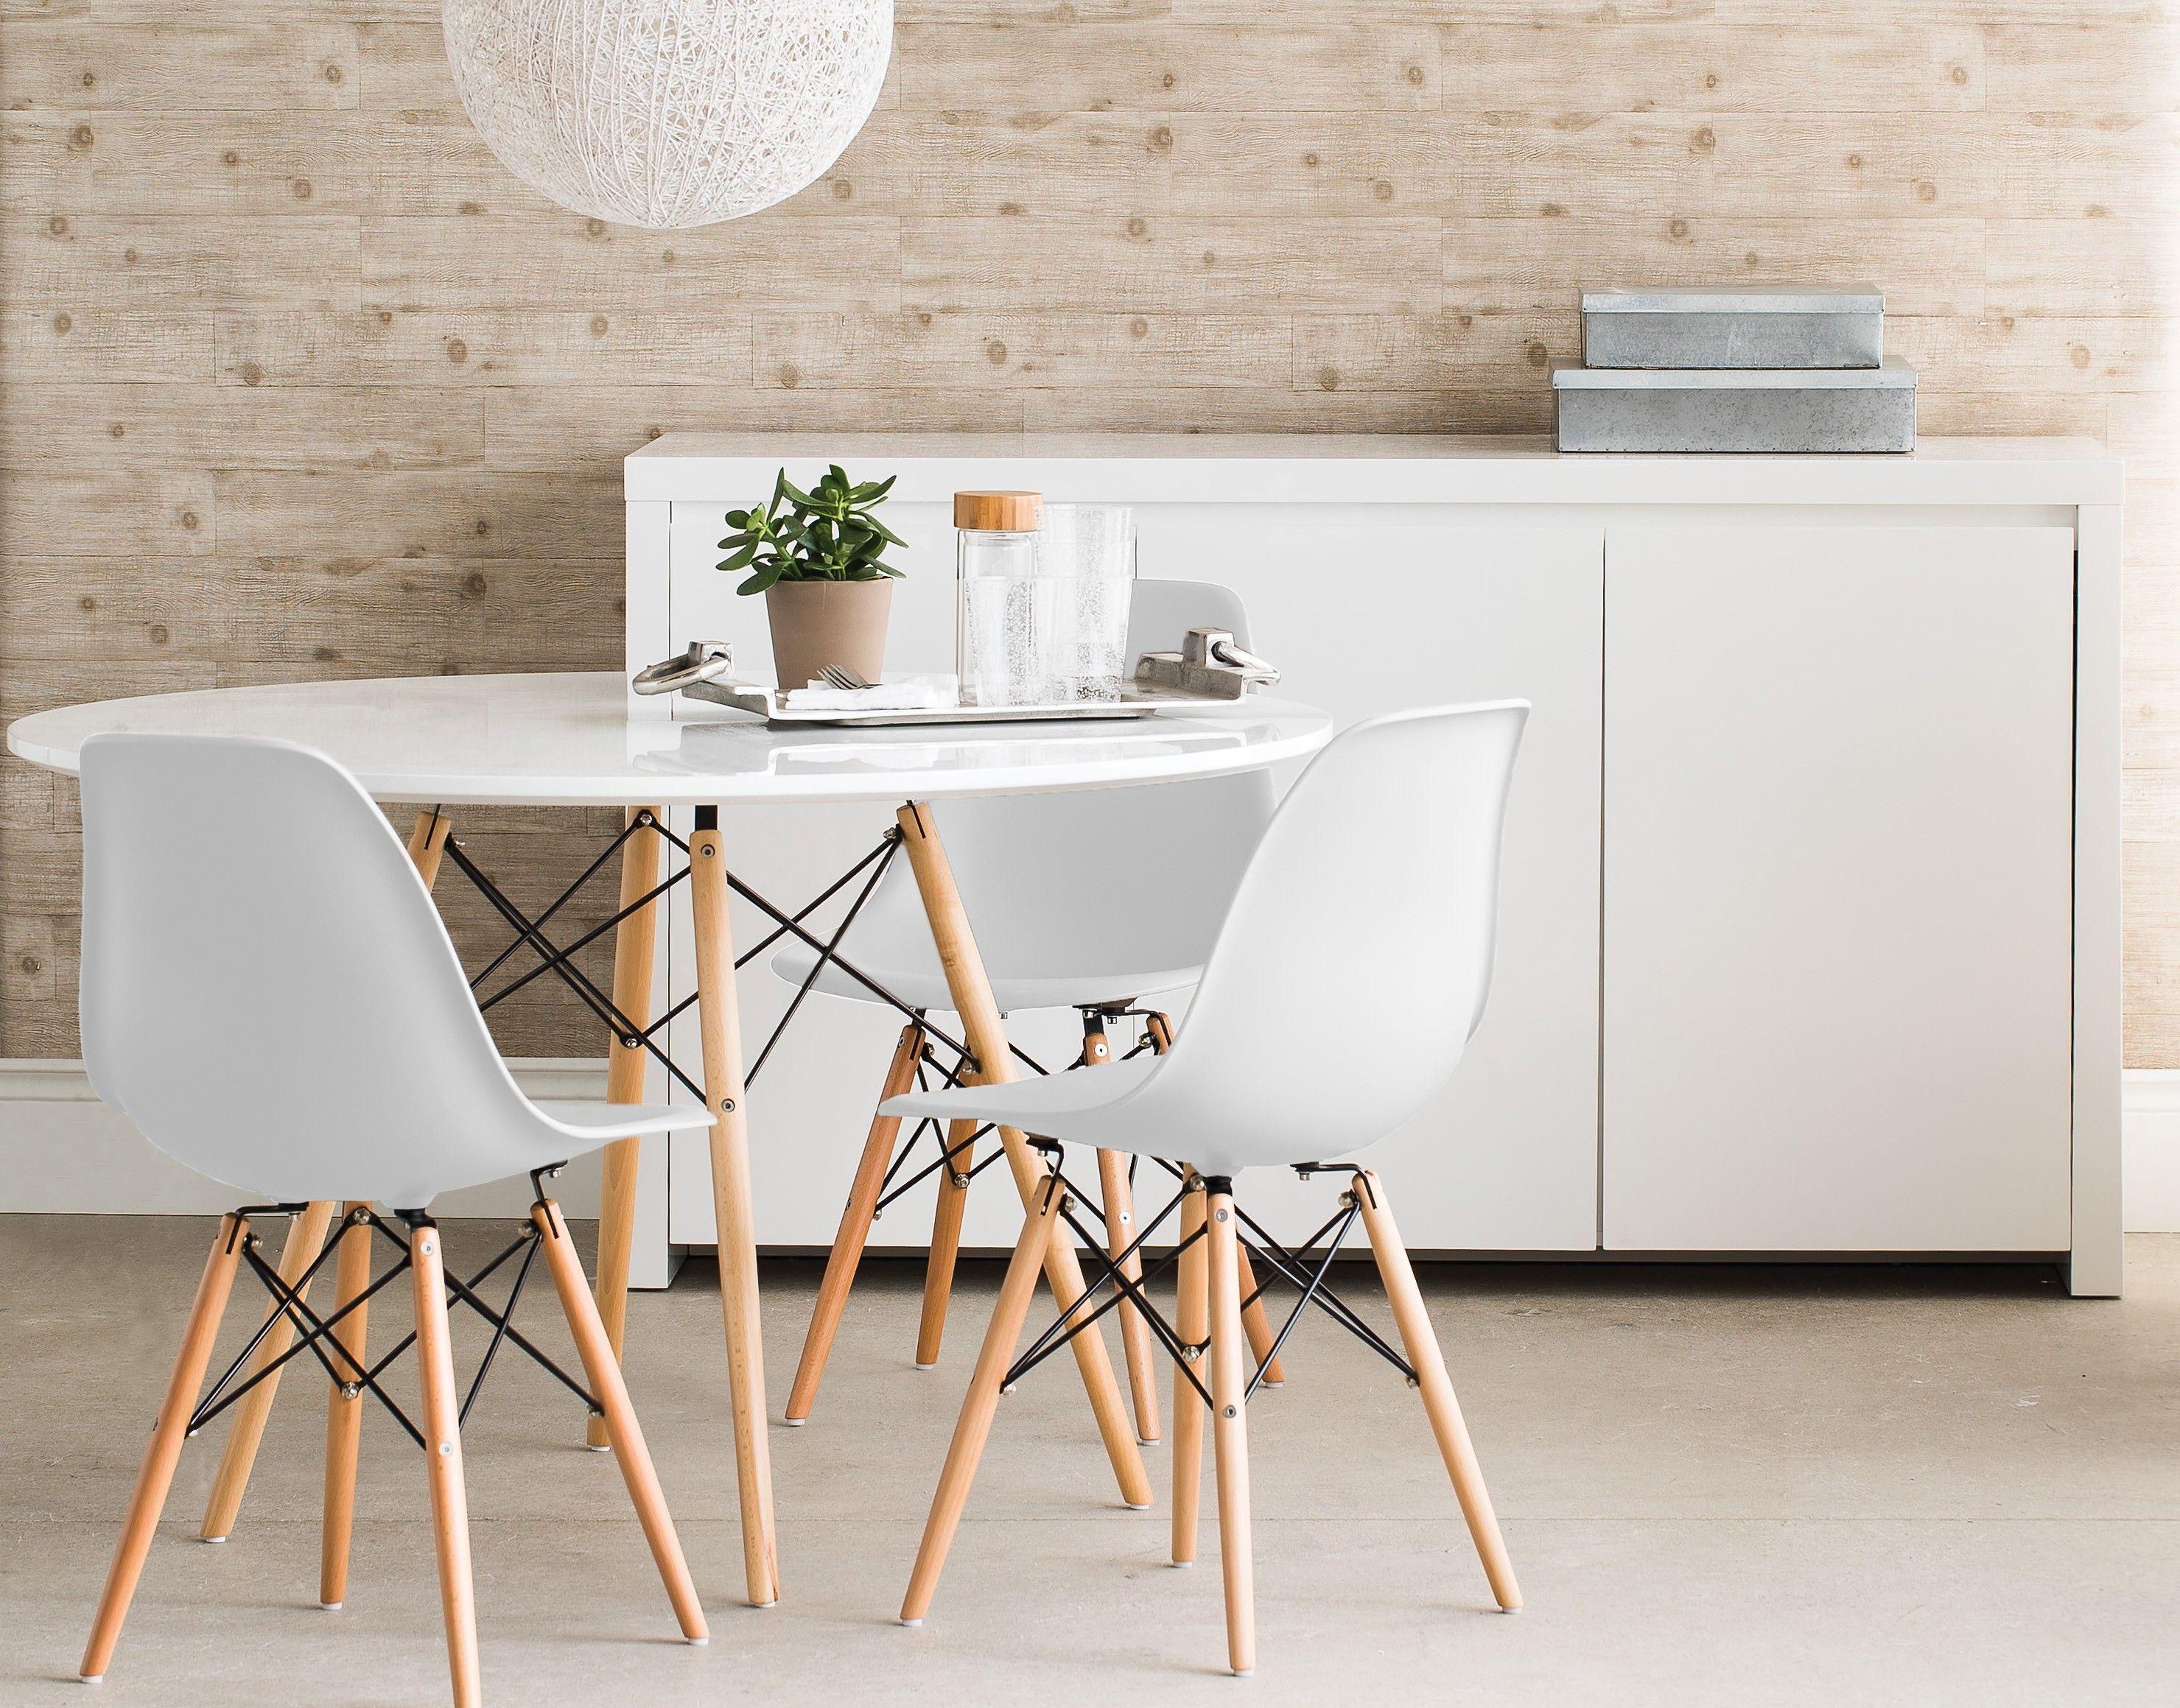 Pin de Jérémie Lévi en Home Sweet Home | Pinterest | Cocinas y ...